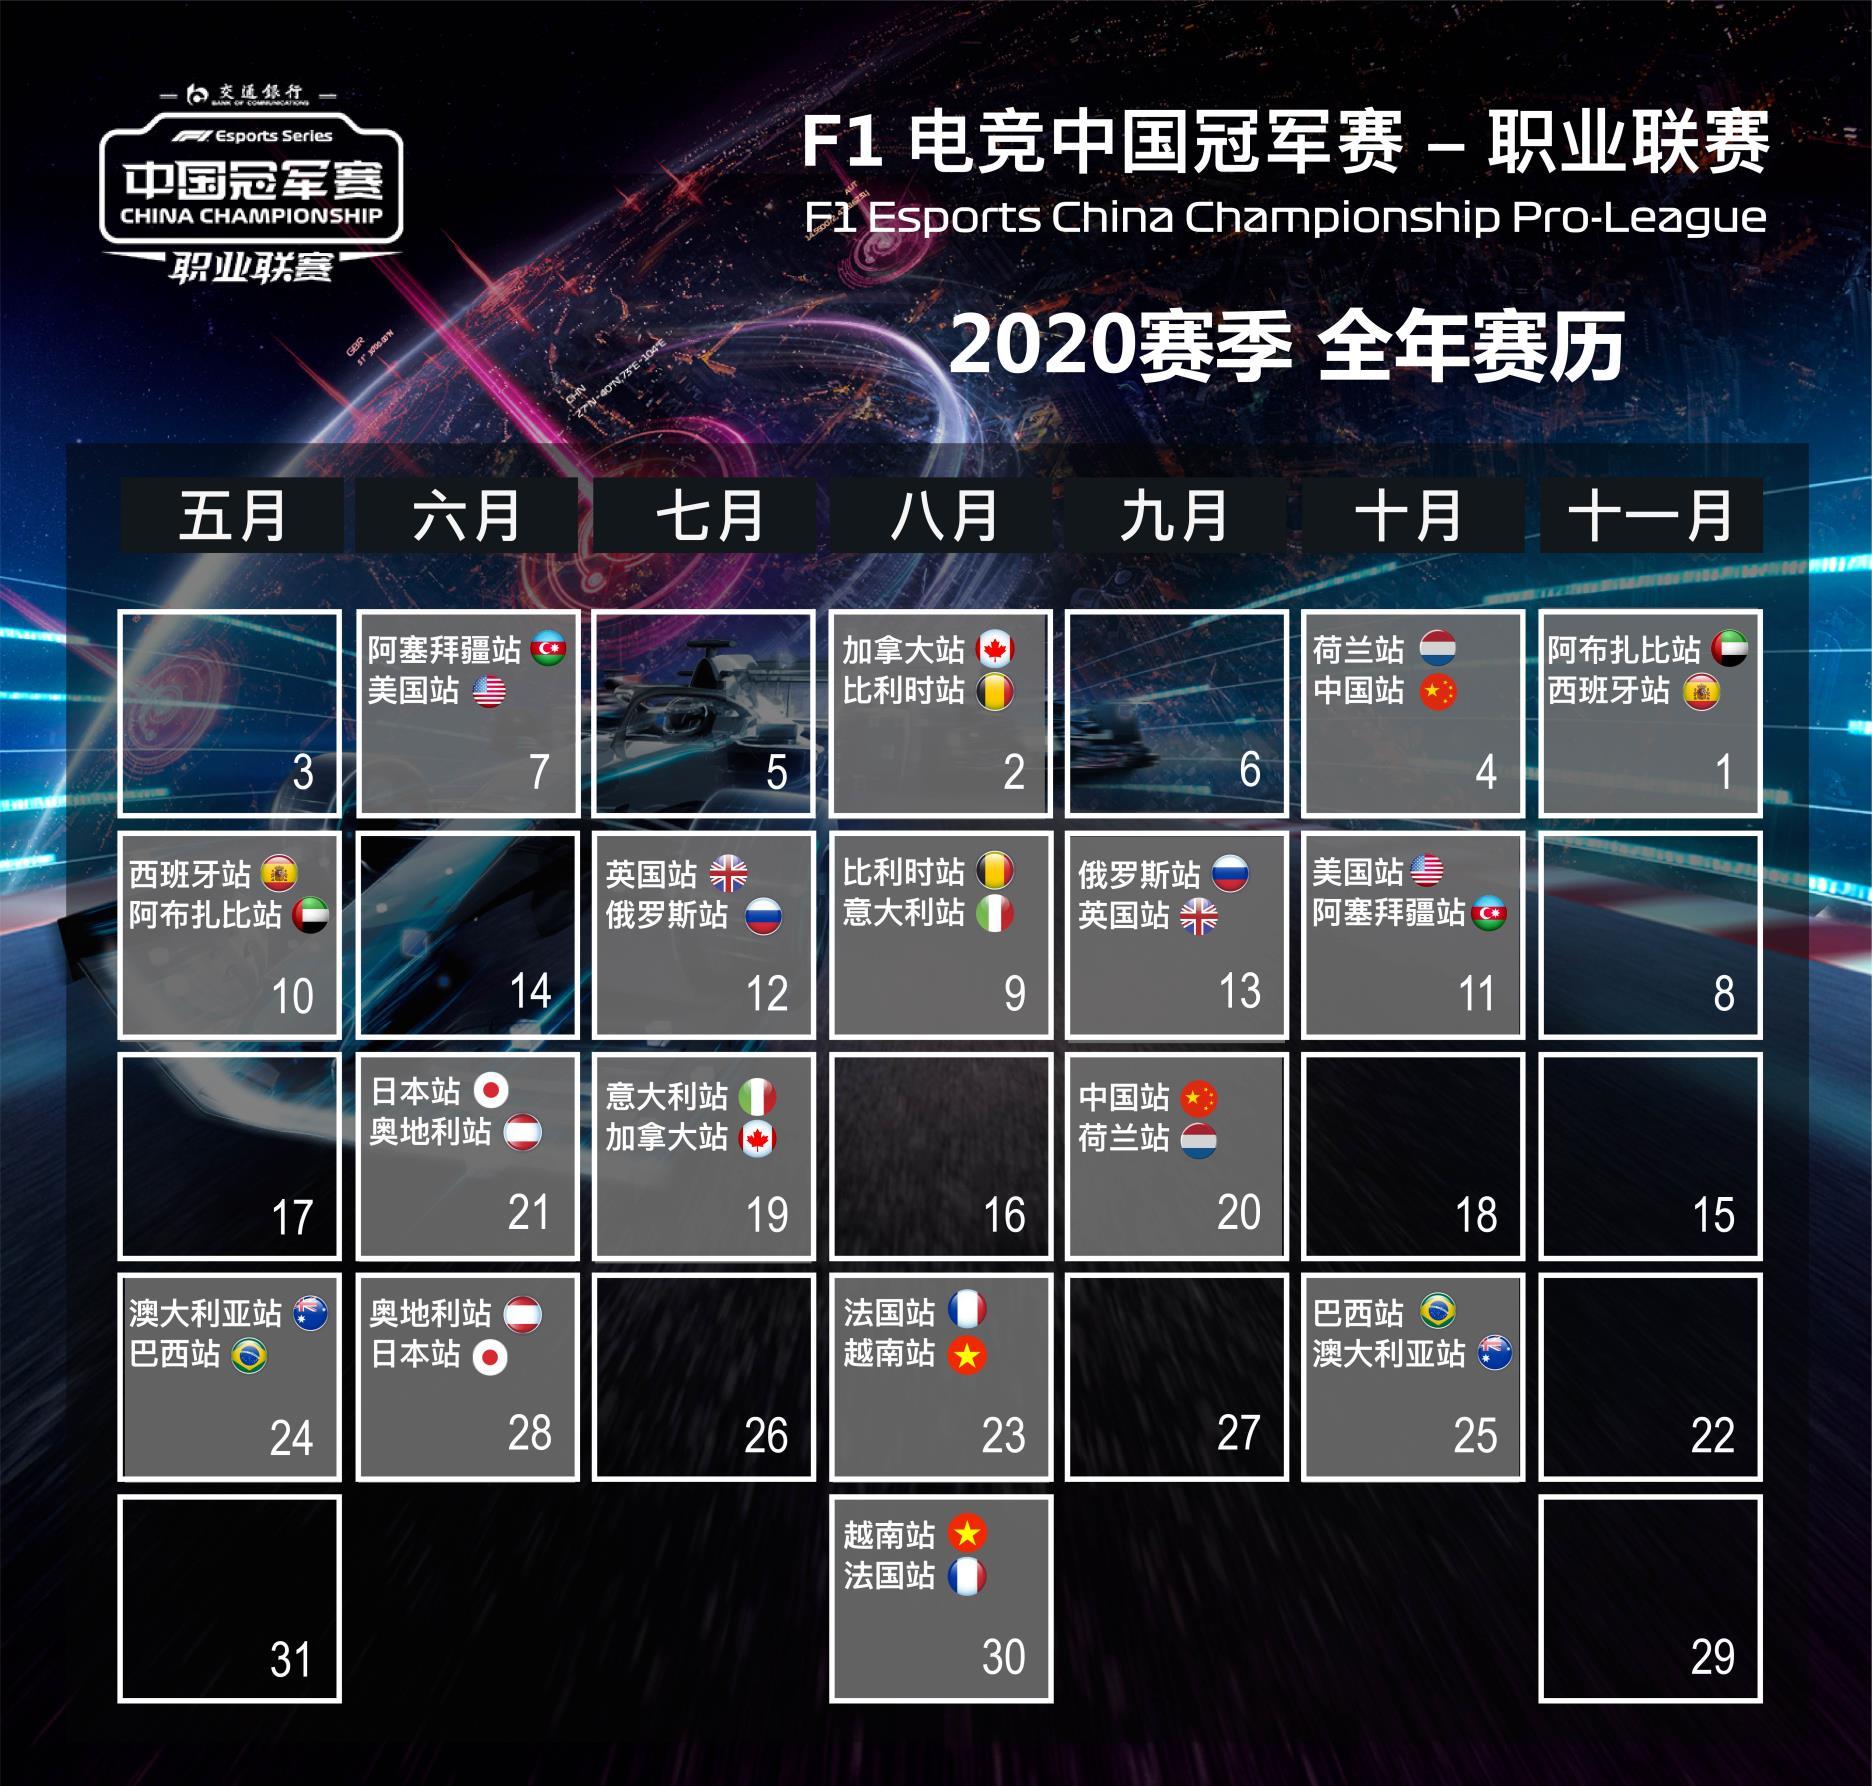 赛程出来了!F1电竞中国冠军赛赛季贯穿全年